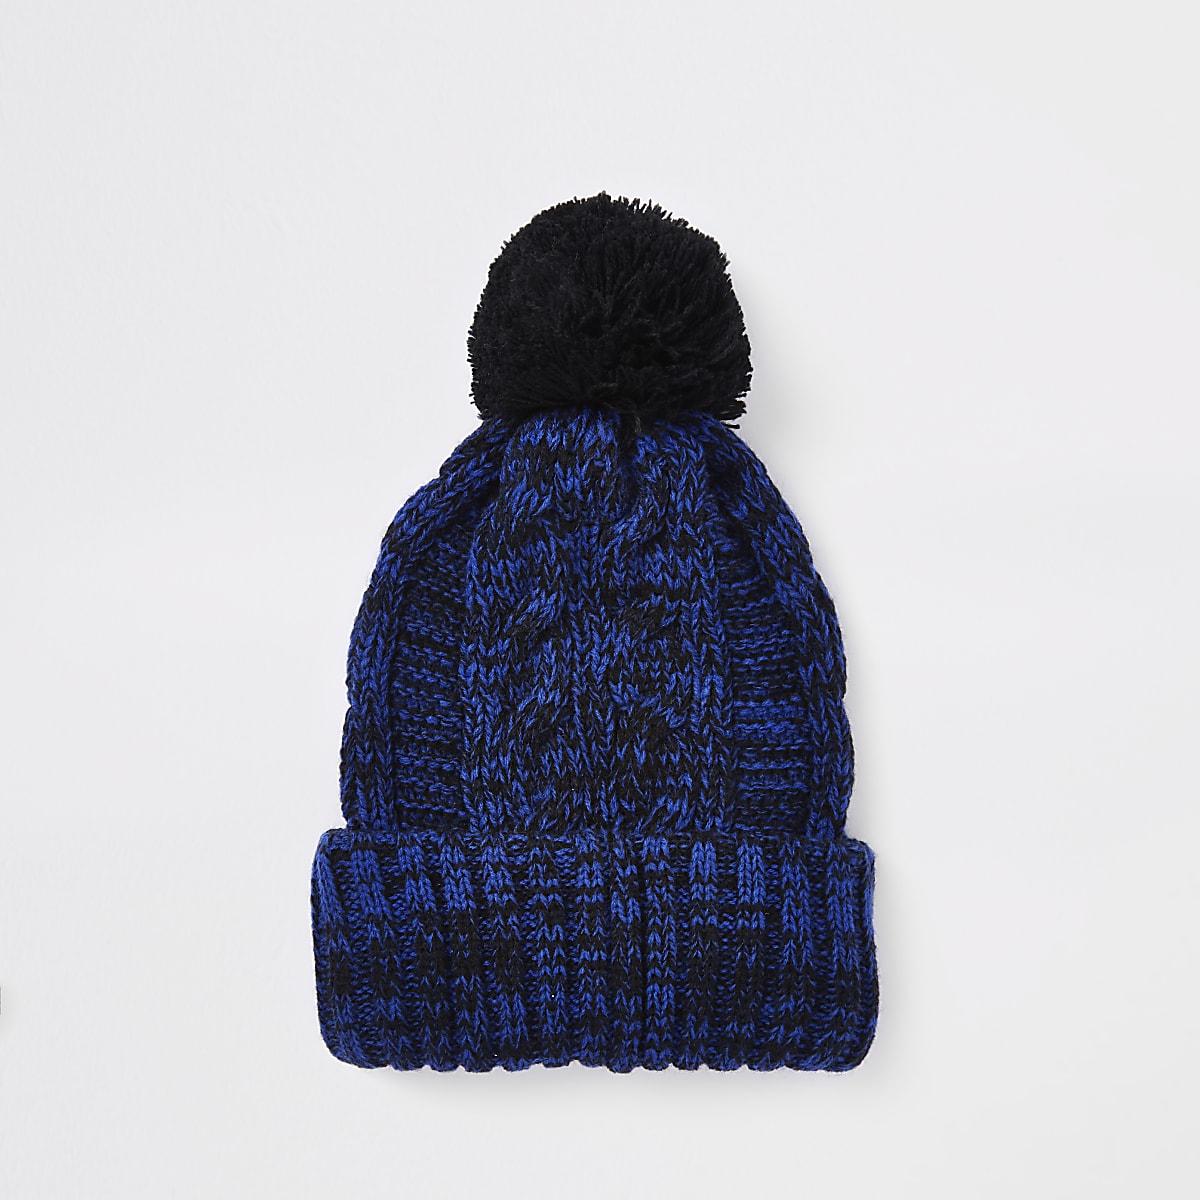 f57c5ac8c1f Navy cable knit bobble beanie hat - Hats   Caps - Accessories - men